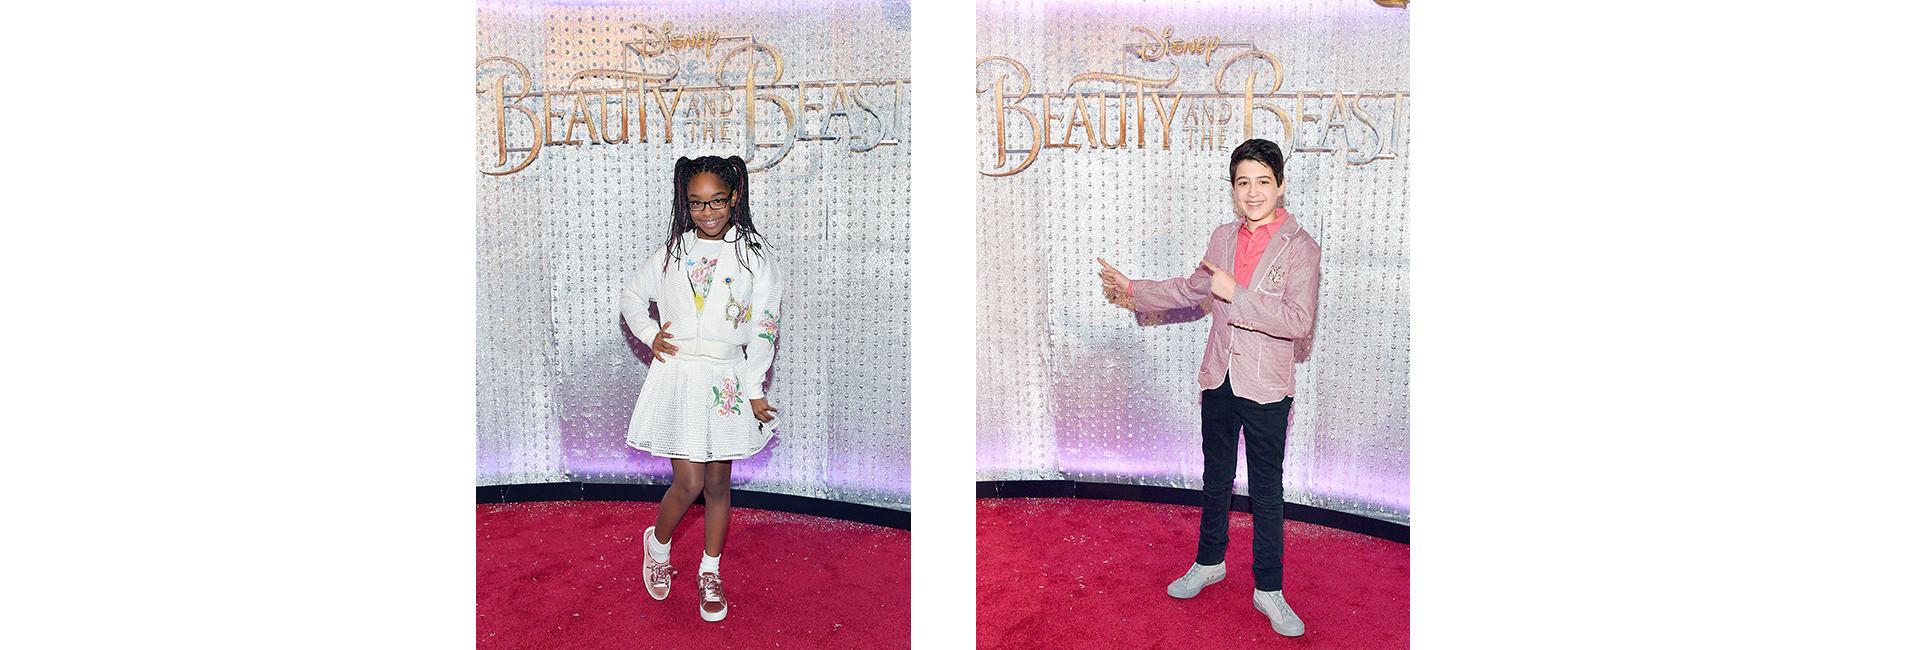 Премьера фильма «Красавица и Чудовище» в Лос-Анджелесе (фото 7)